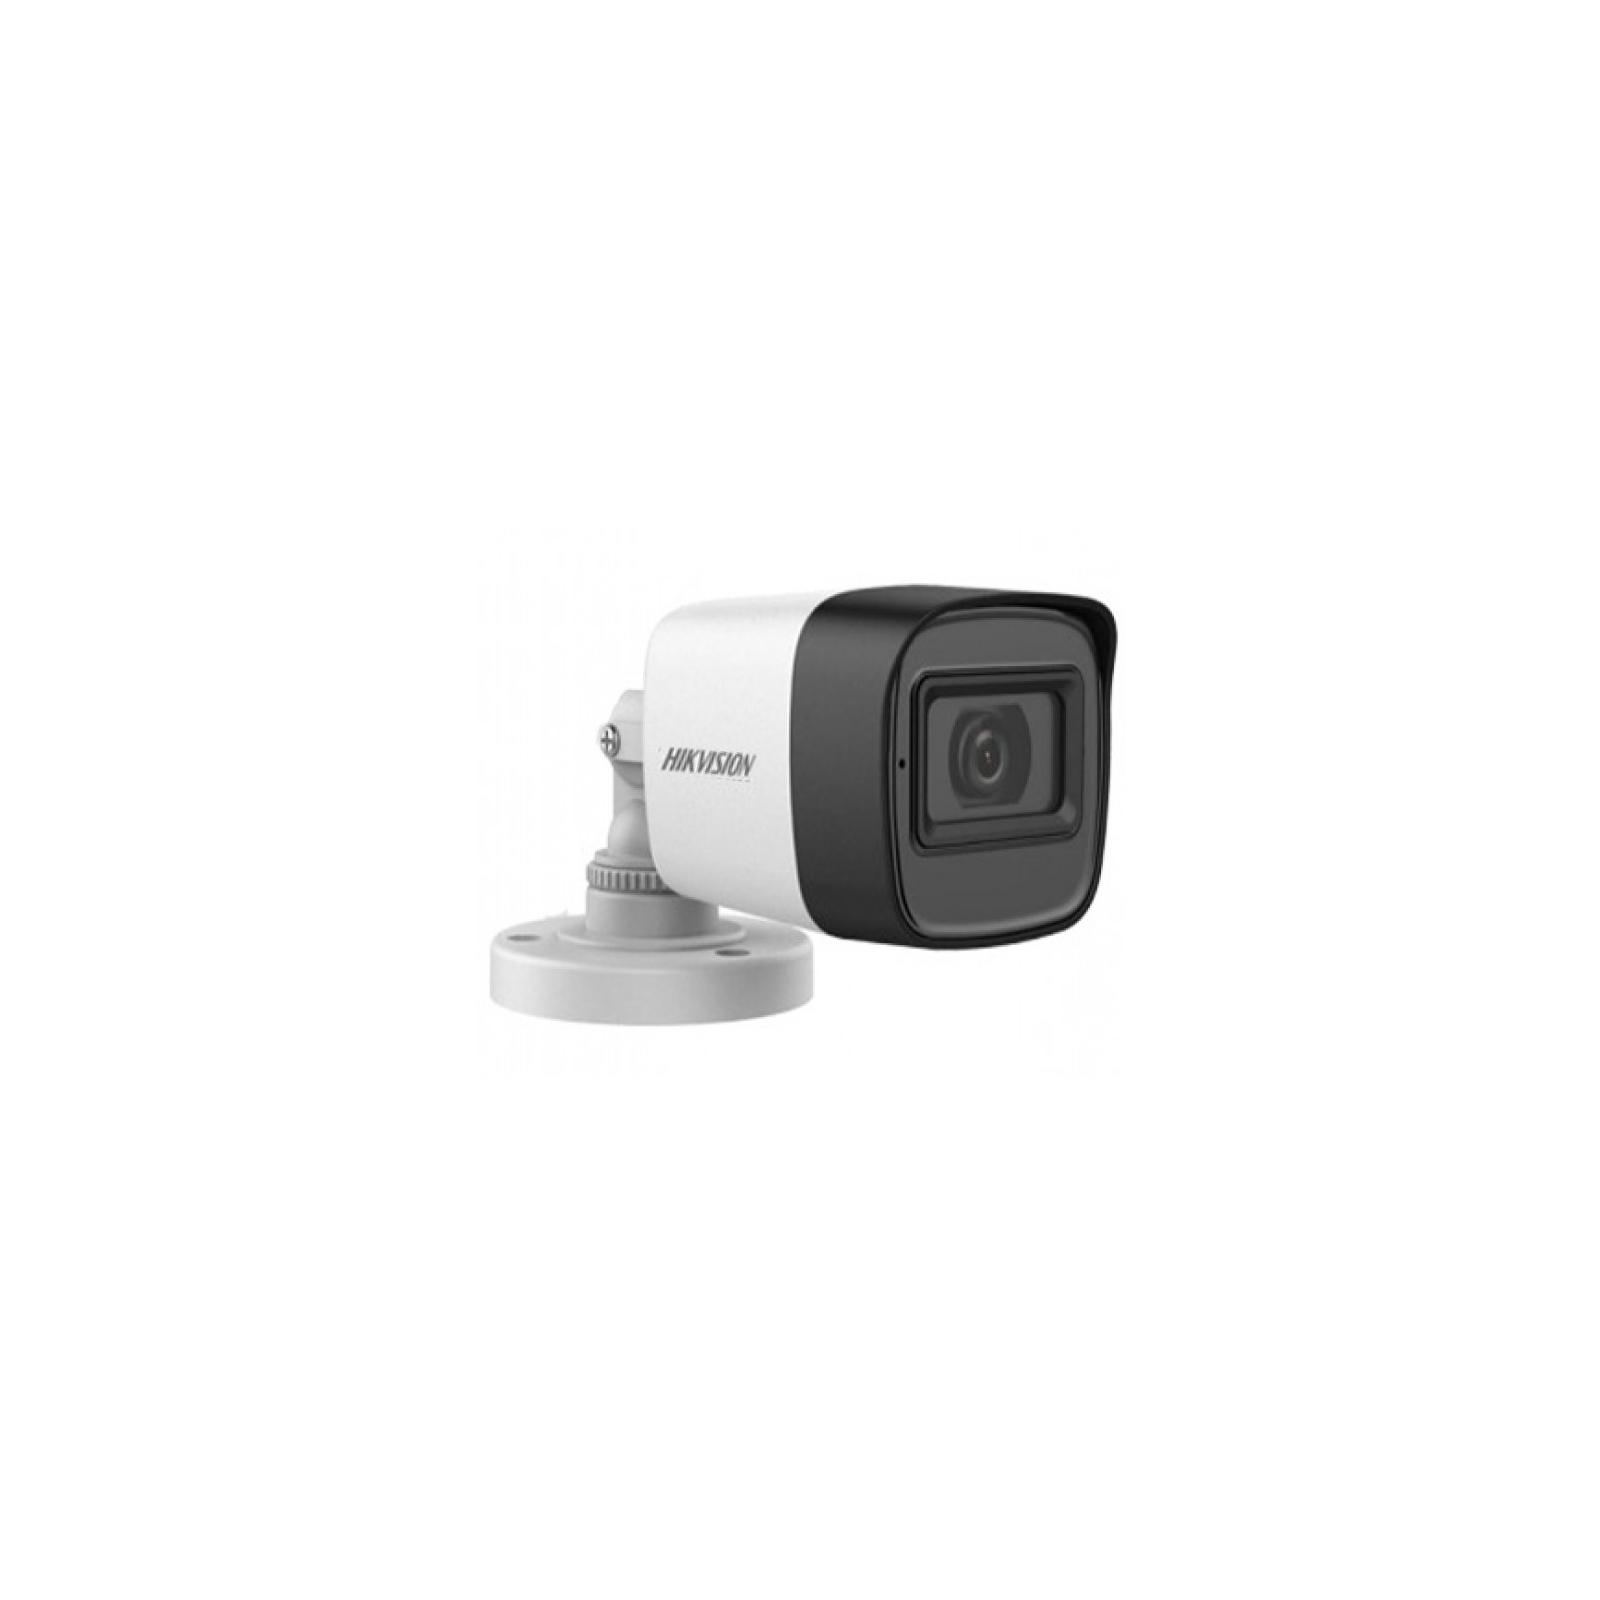 Камера видеонаблюдения Hikvision DS-2CE16H0T-ITFS (3.6) изображение 2